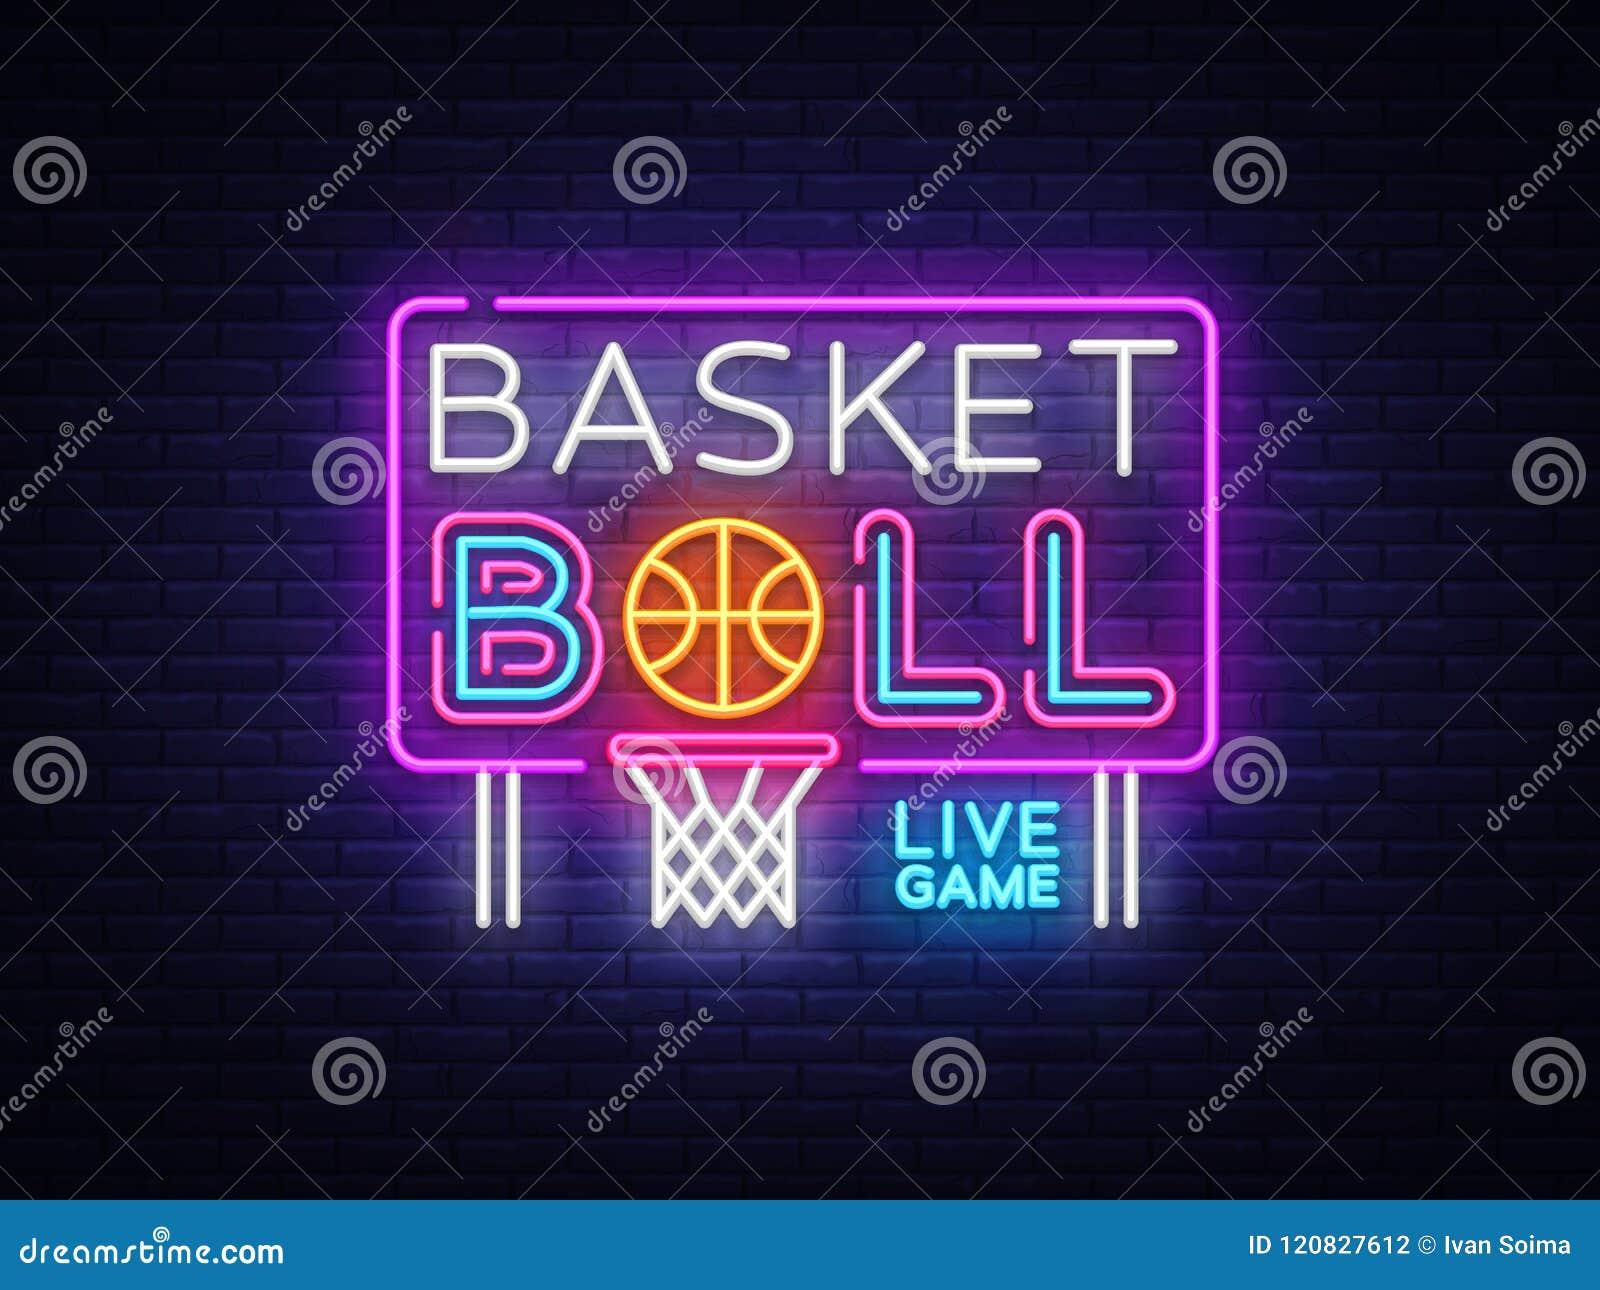 Vetor do sinal de néon do basquetebol Sinal de néon do molde do projeto do basquetebol, bandeira clara, quadro indicador de néon,